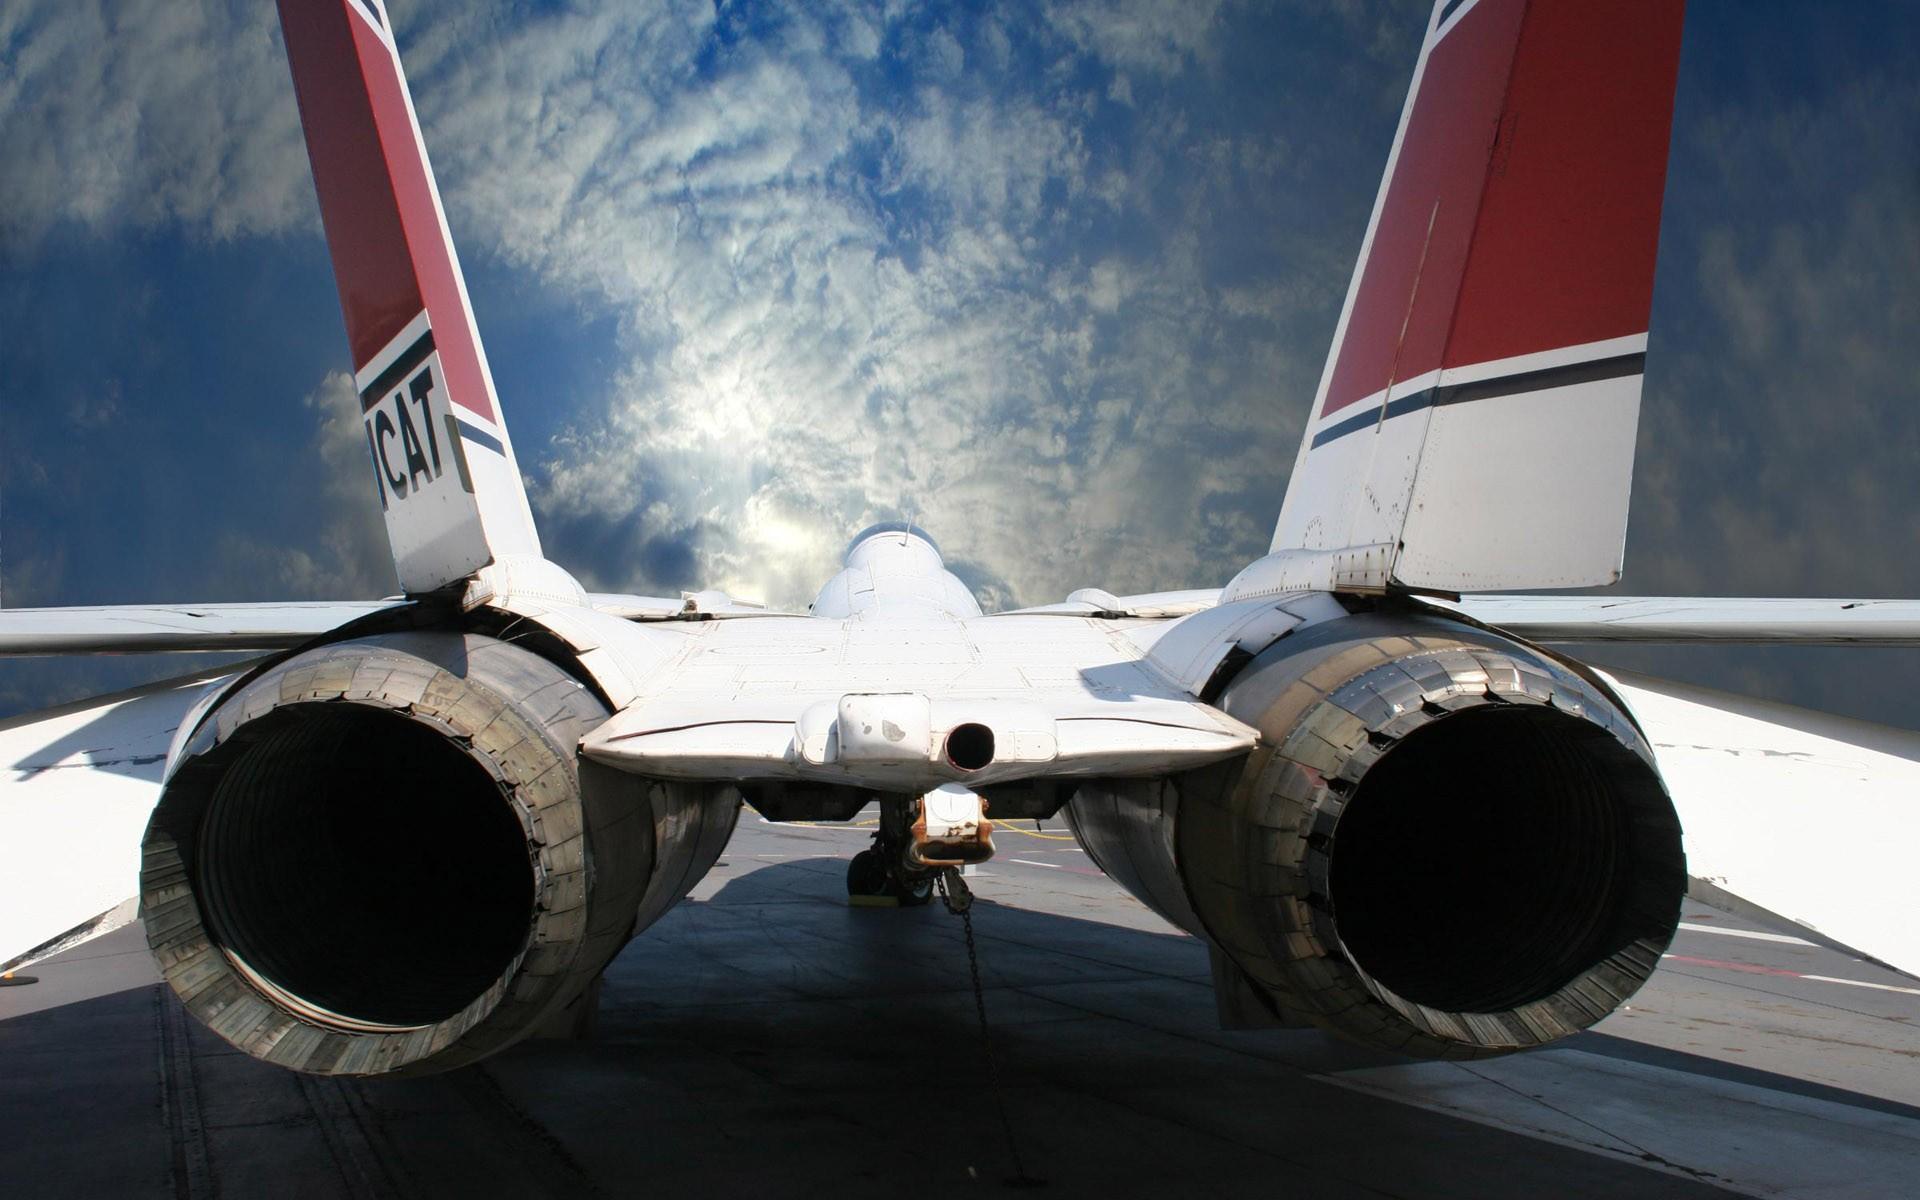 Avión Tomcat F 14 - 1920x1200